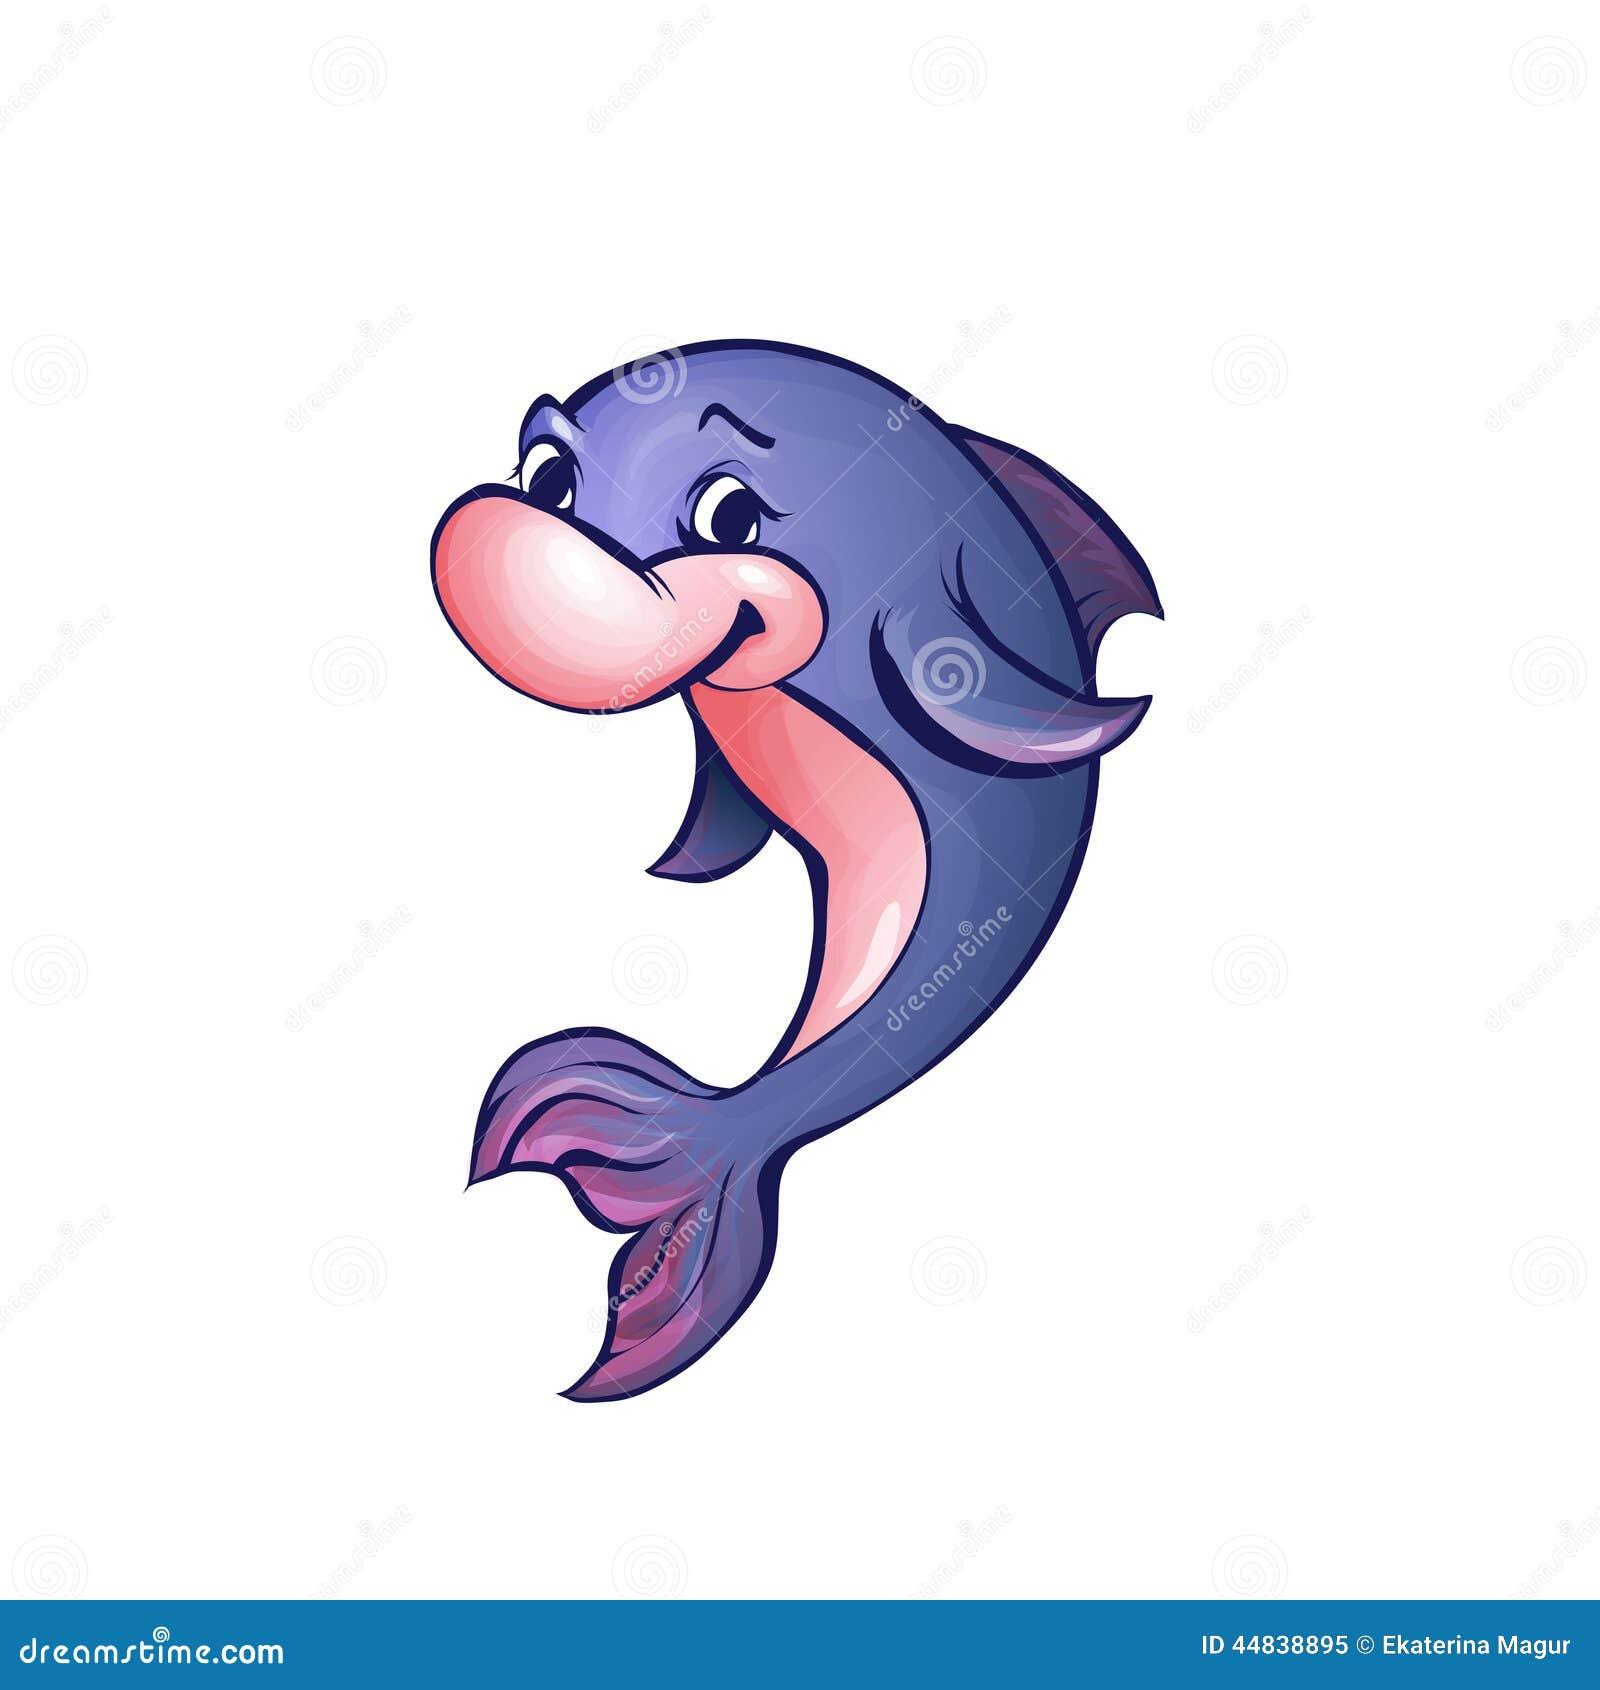 cute aquatic mammals